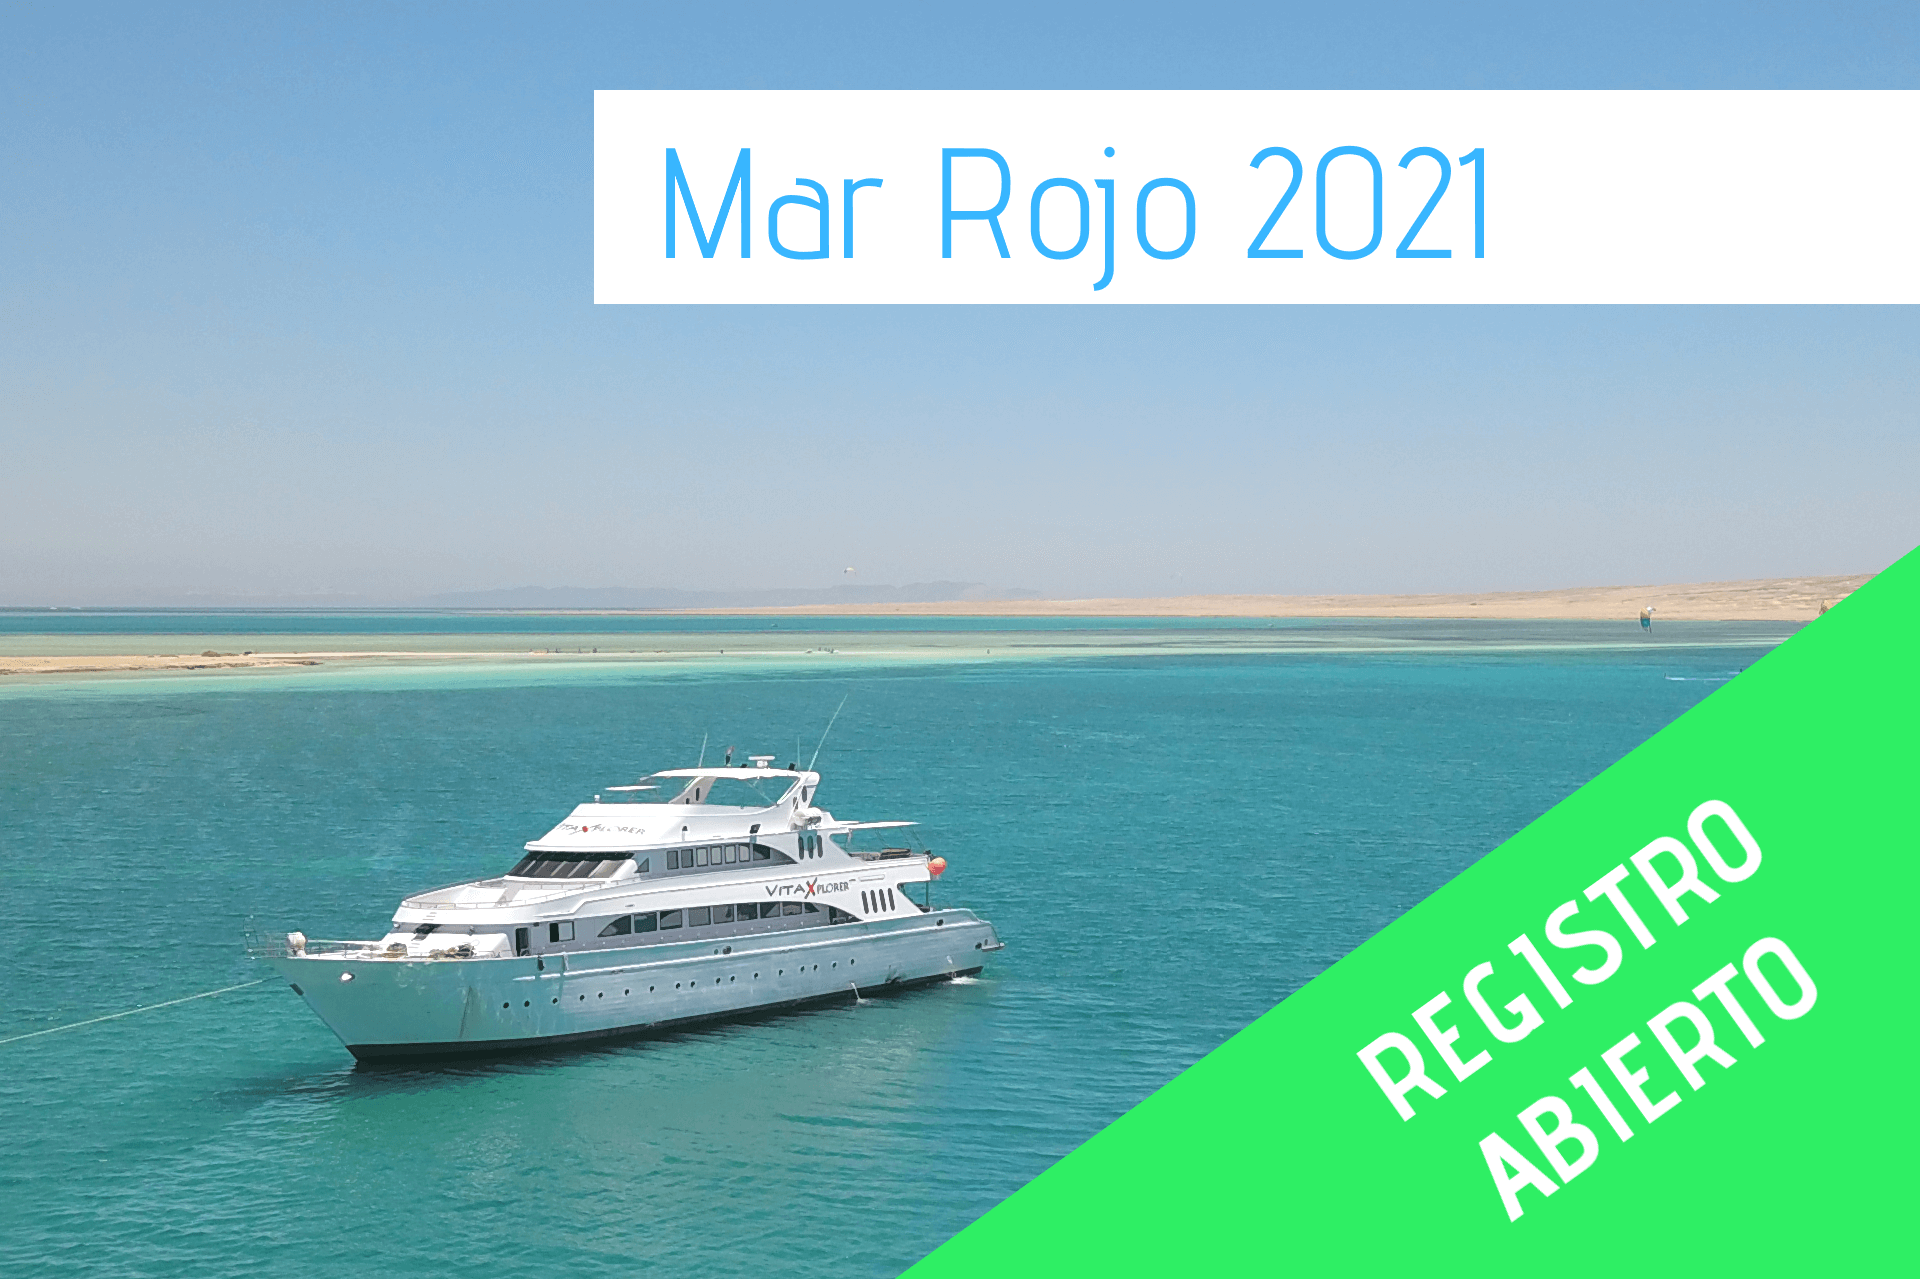 viaje mar rojo 2021